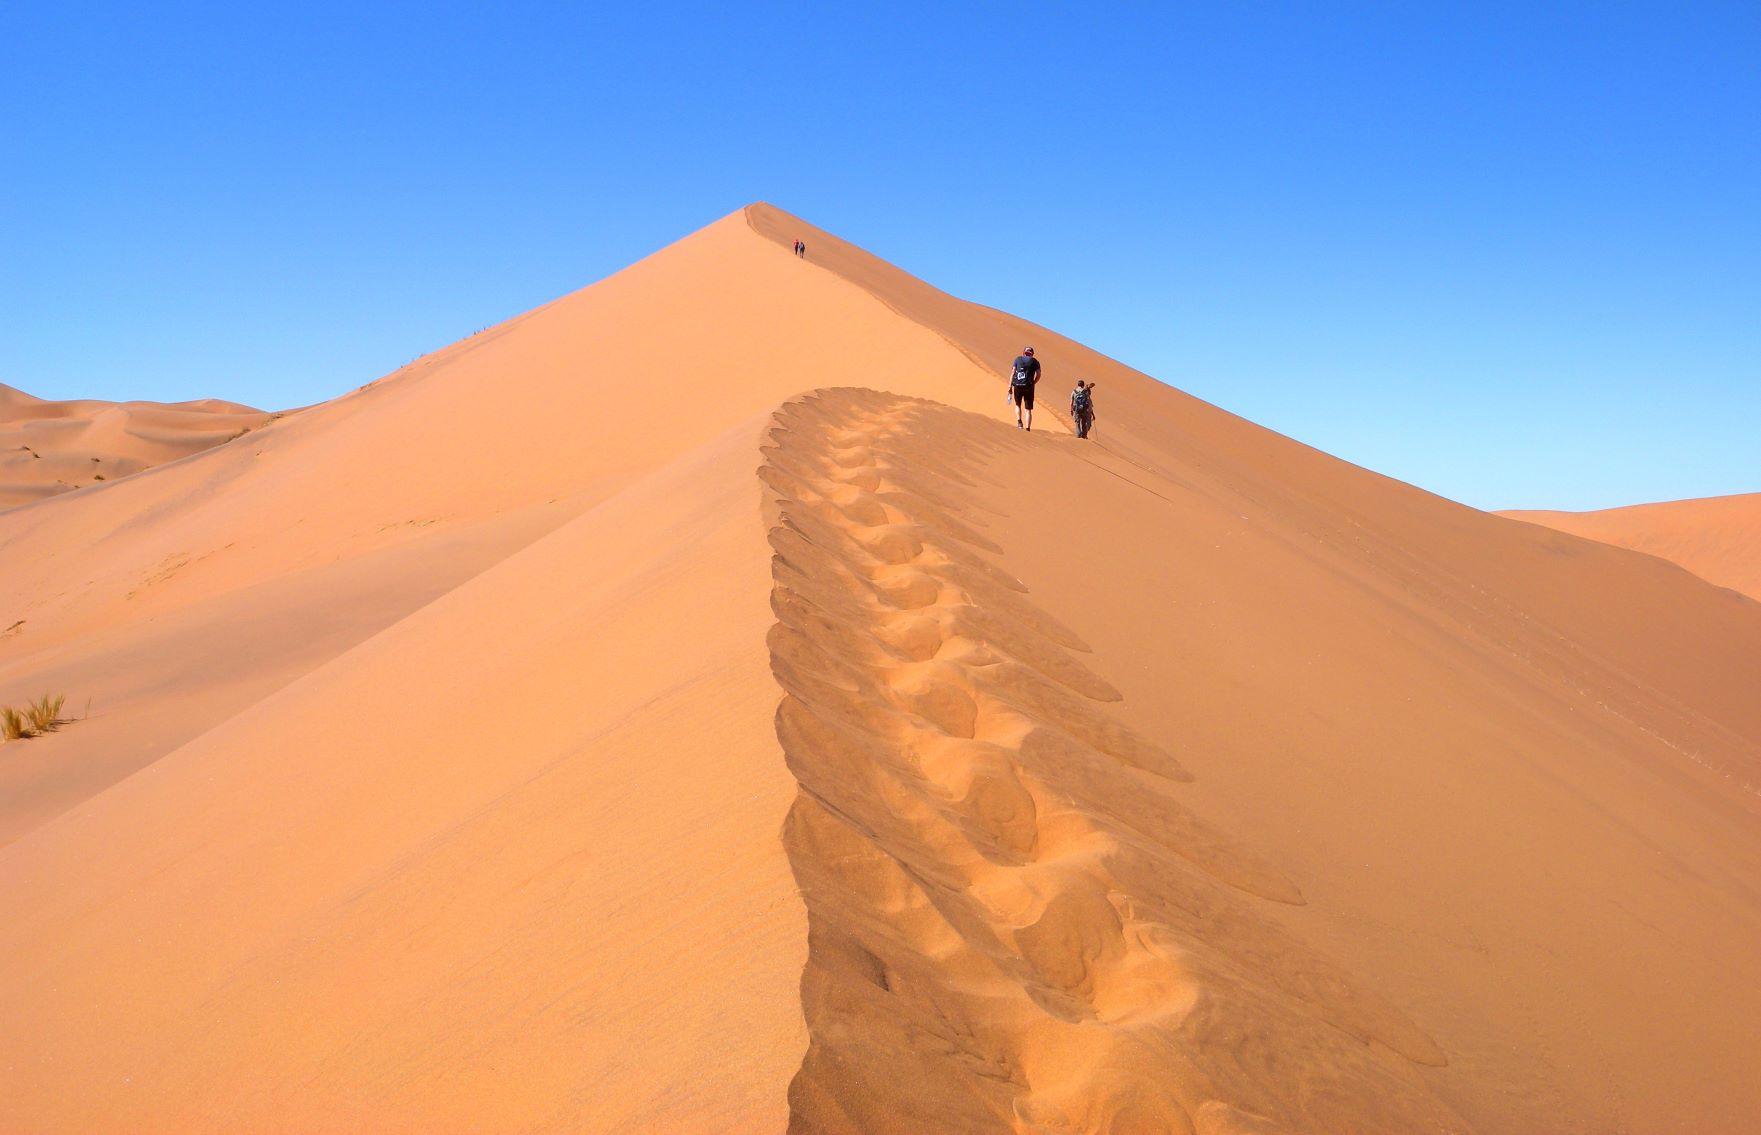 美しい砂丘の稜線をゆく